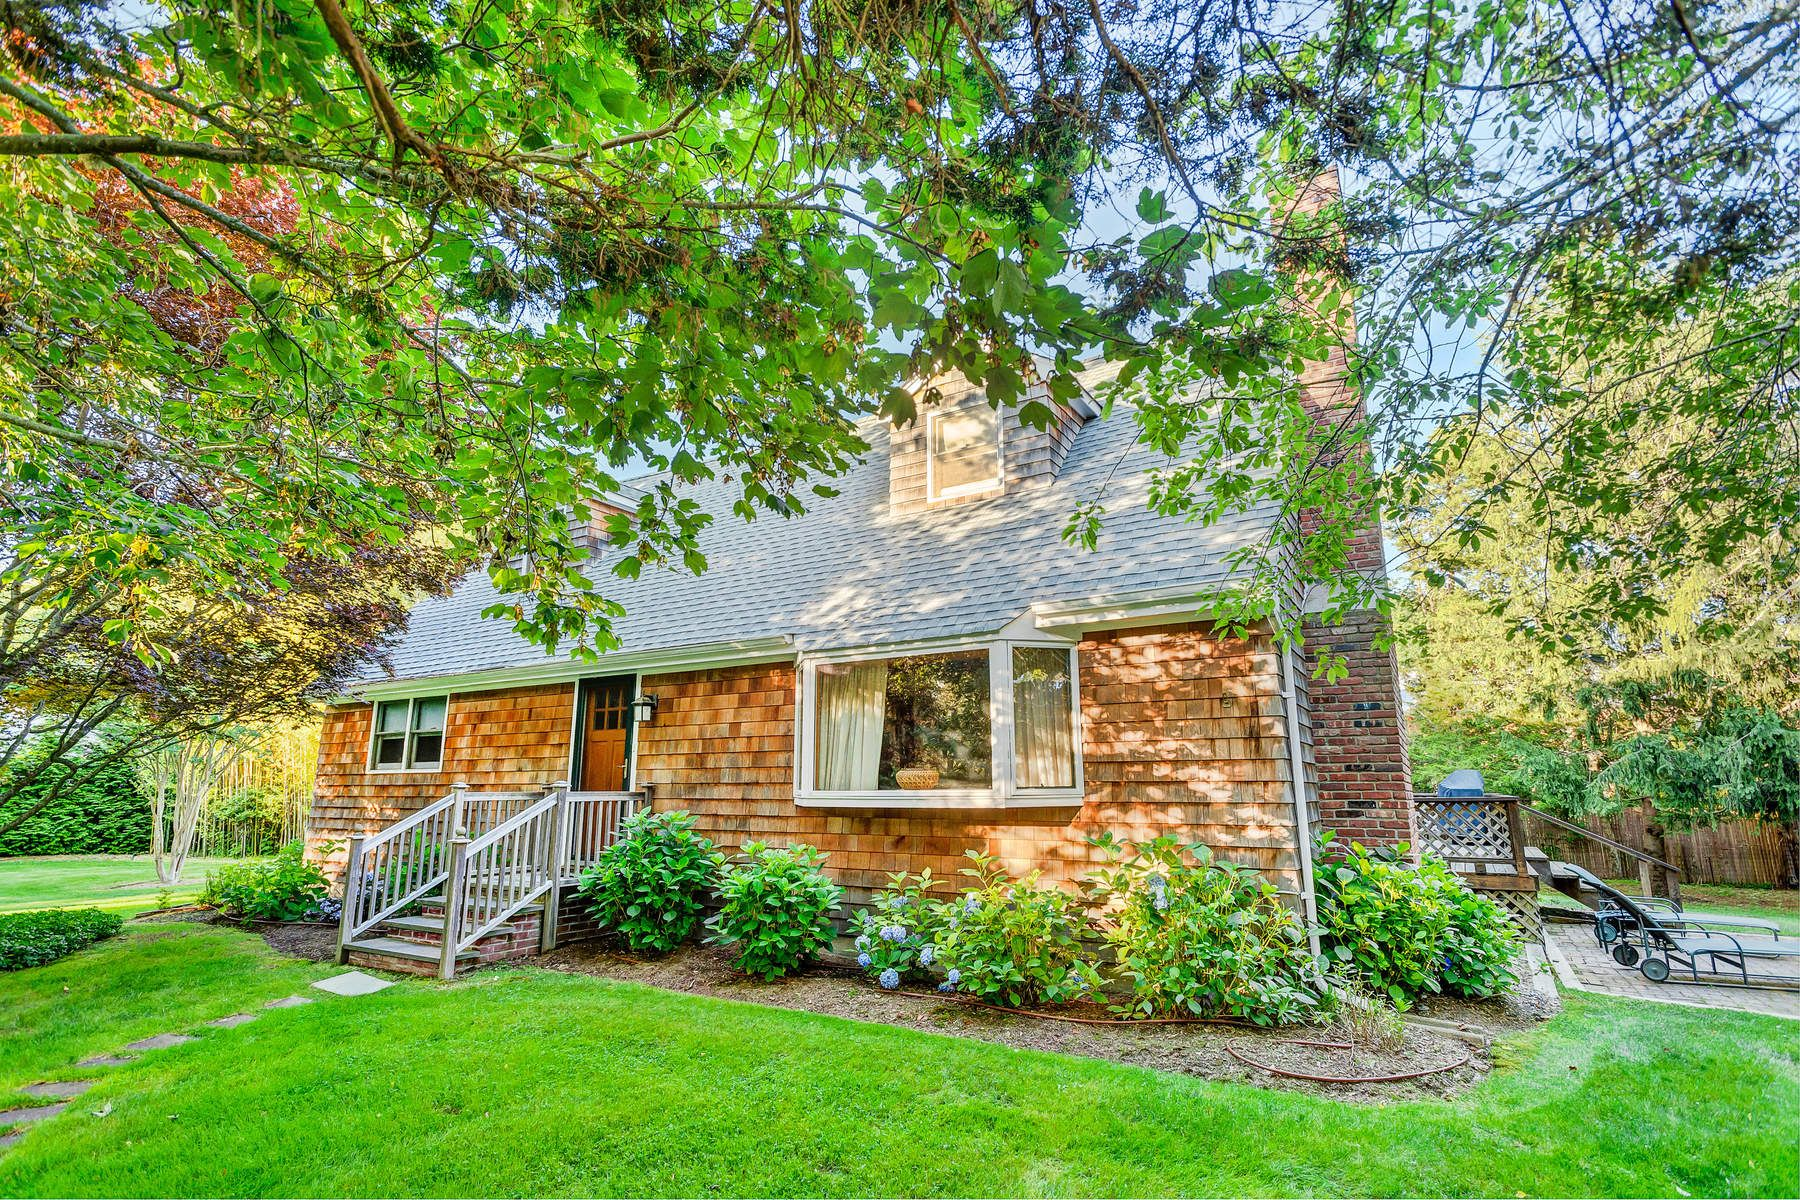 Частный односемейный дом для того Продажа на Moments To Amagansett Village 84 Schellinger Road, Amagansett, Нью-Йорк, 11930 Соединенные Штаты